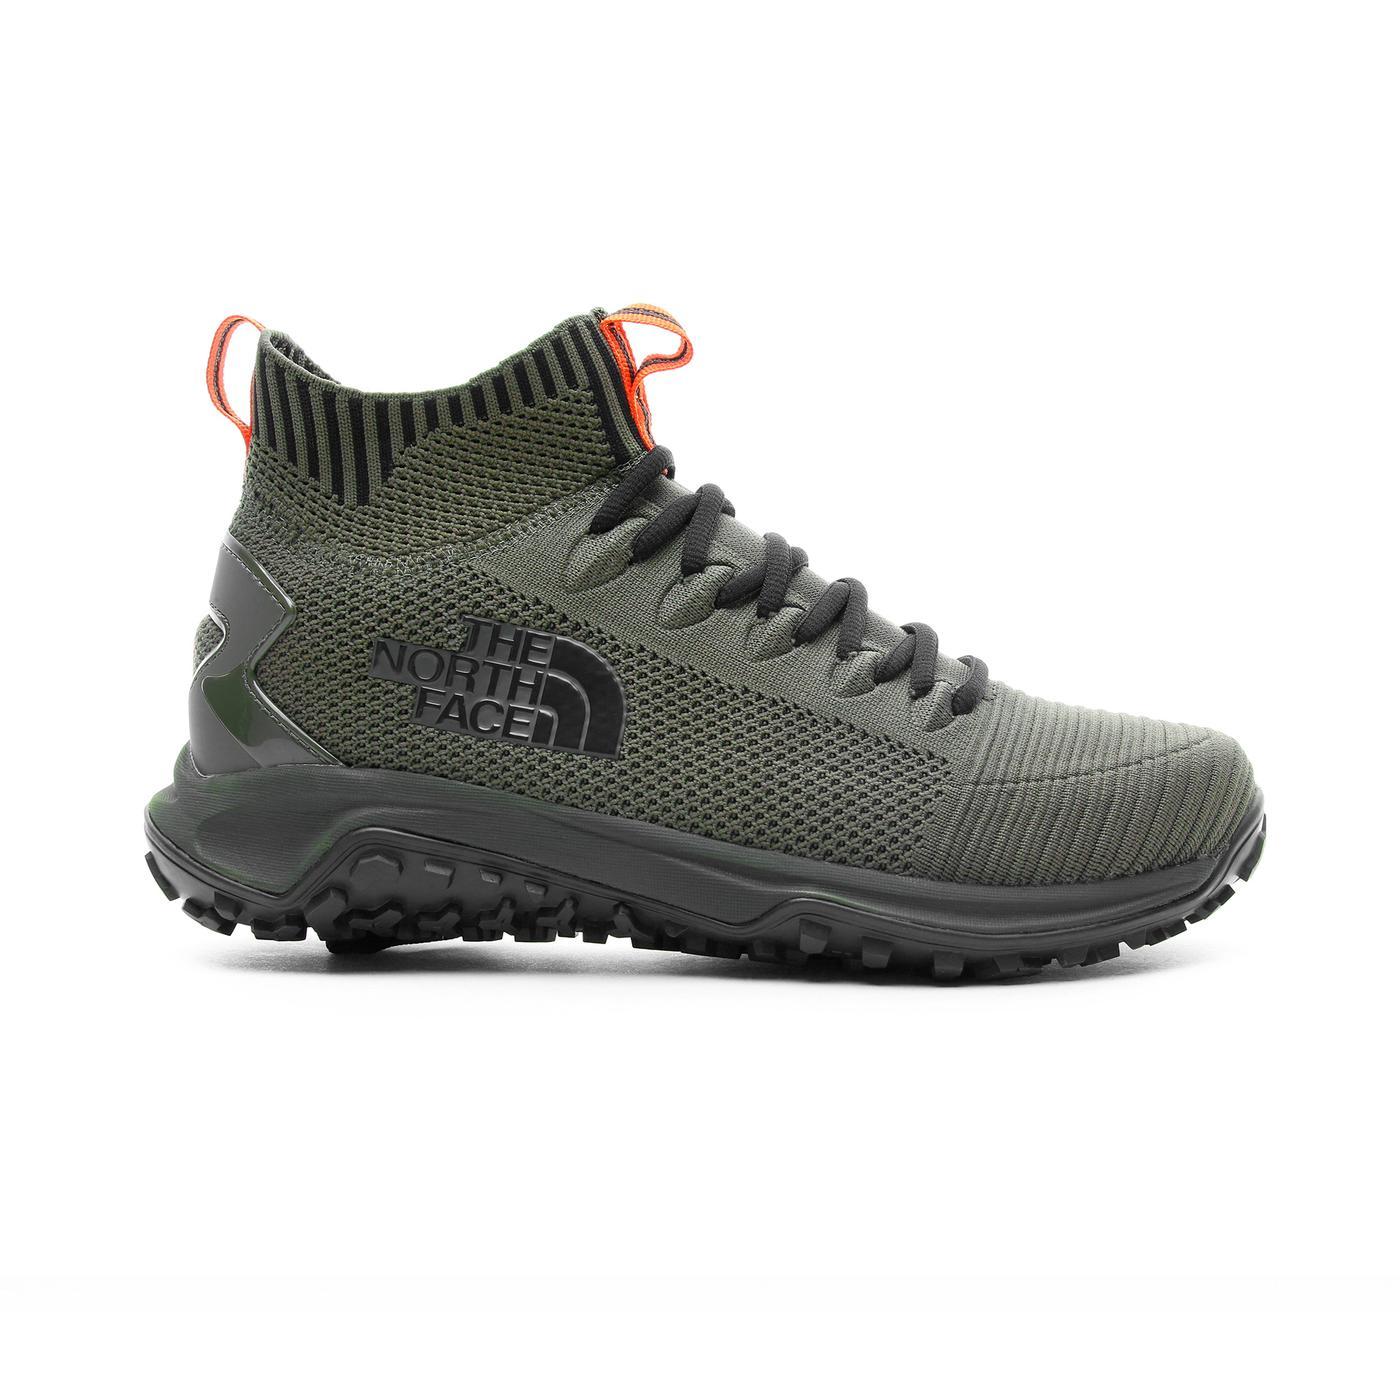 The North Face Erkek Truxel Mid Yeşil Doğa Yürüyüşü Ayakkabısı